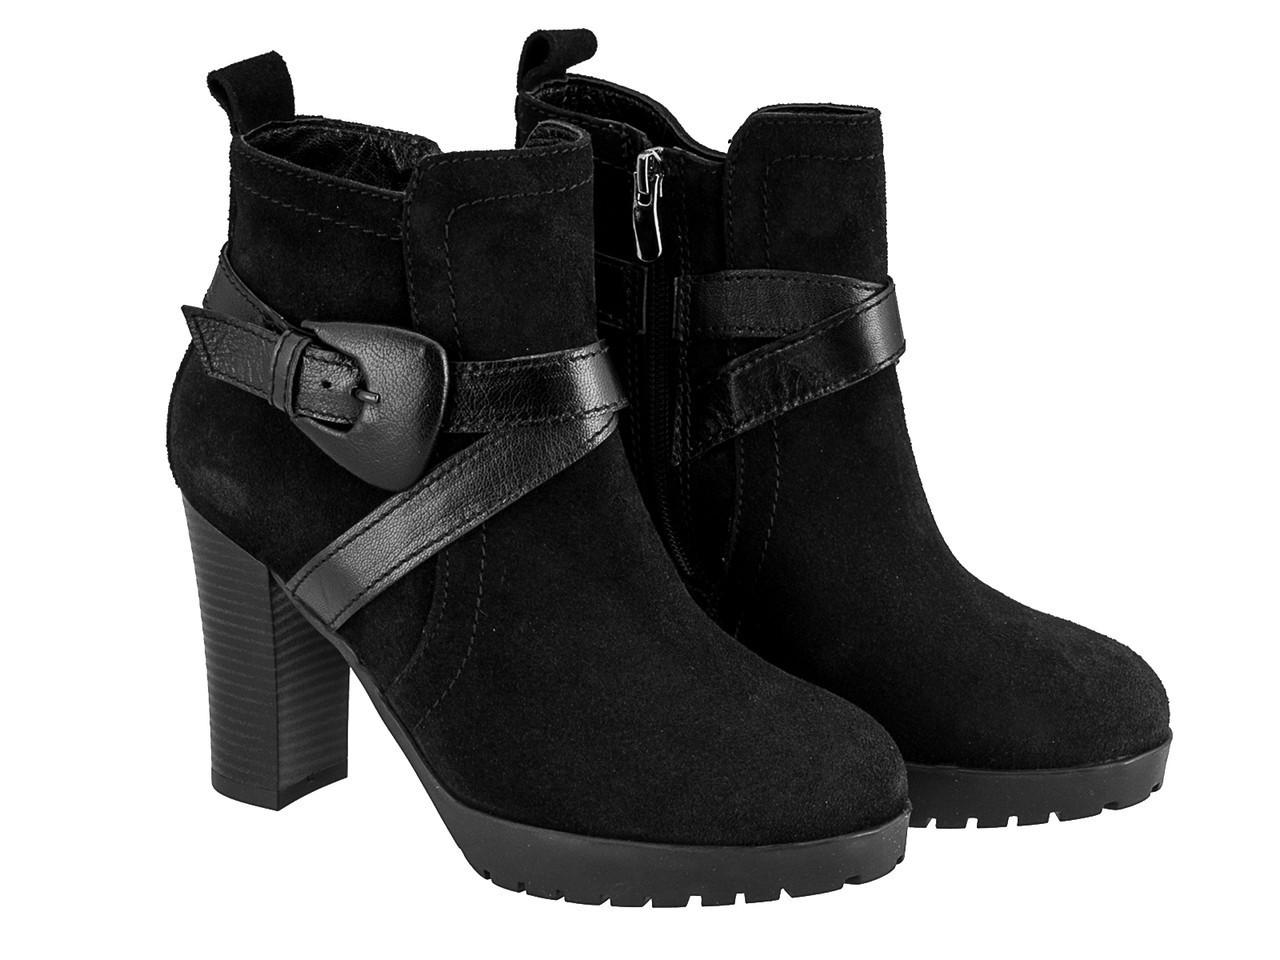 Ботинки Etor 1438-1088 37 черные